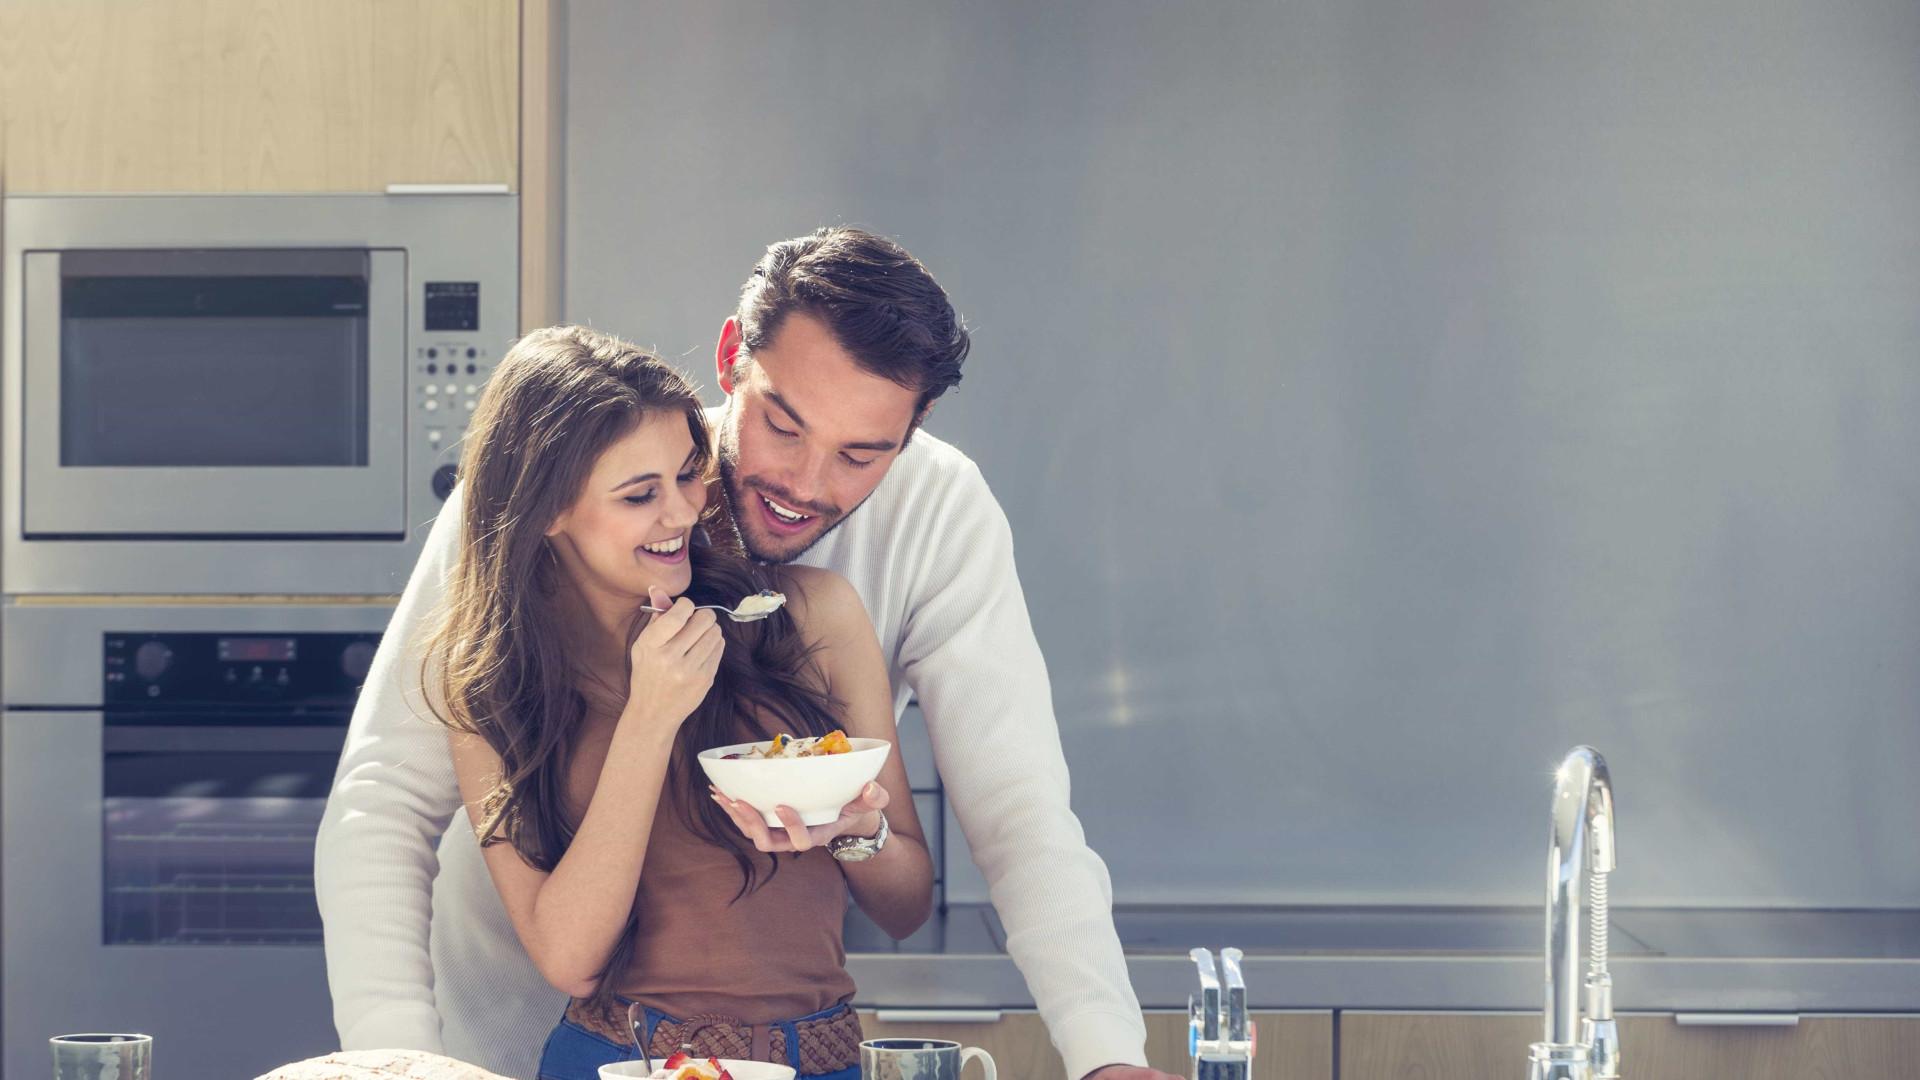 É por esta razão que a comida tem outro sabor quando se é comprometido